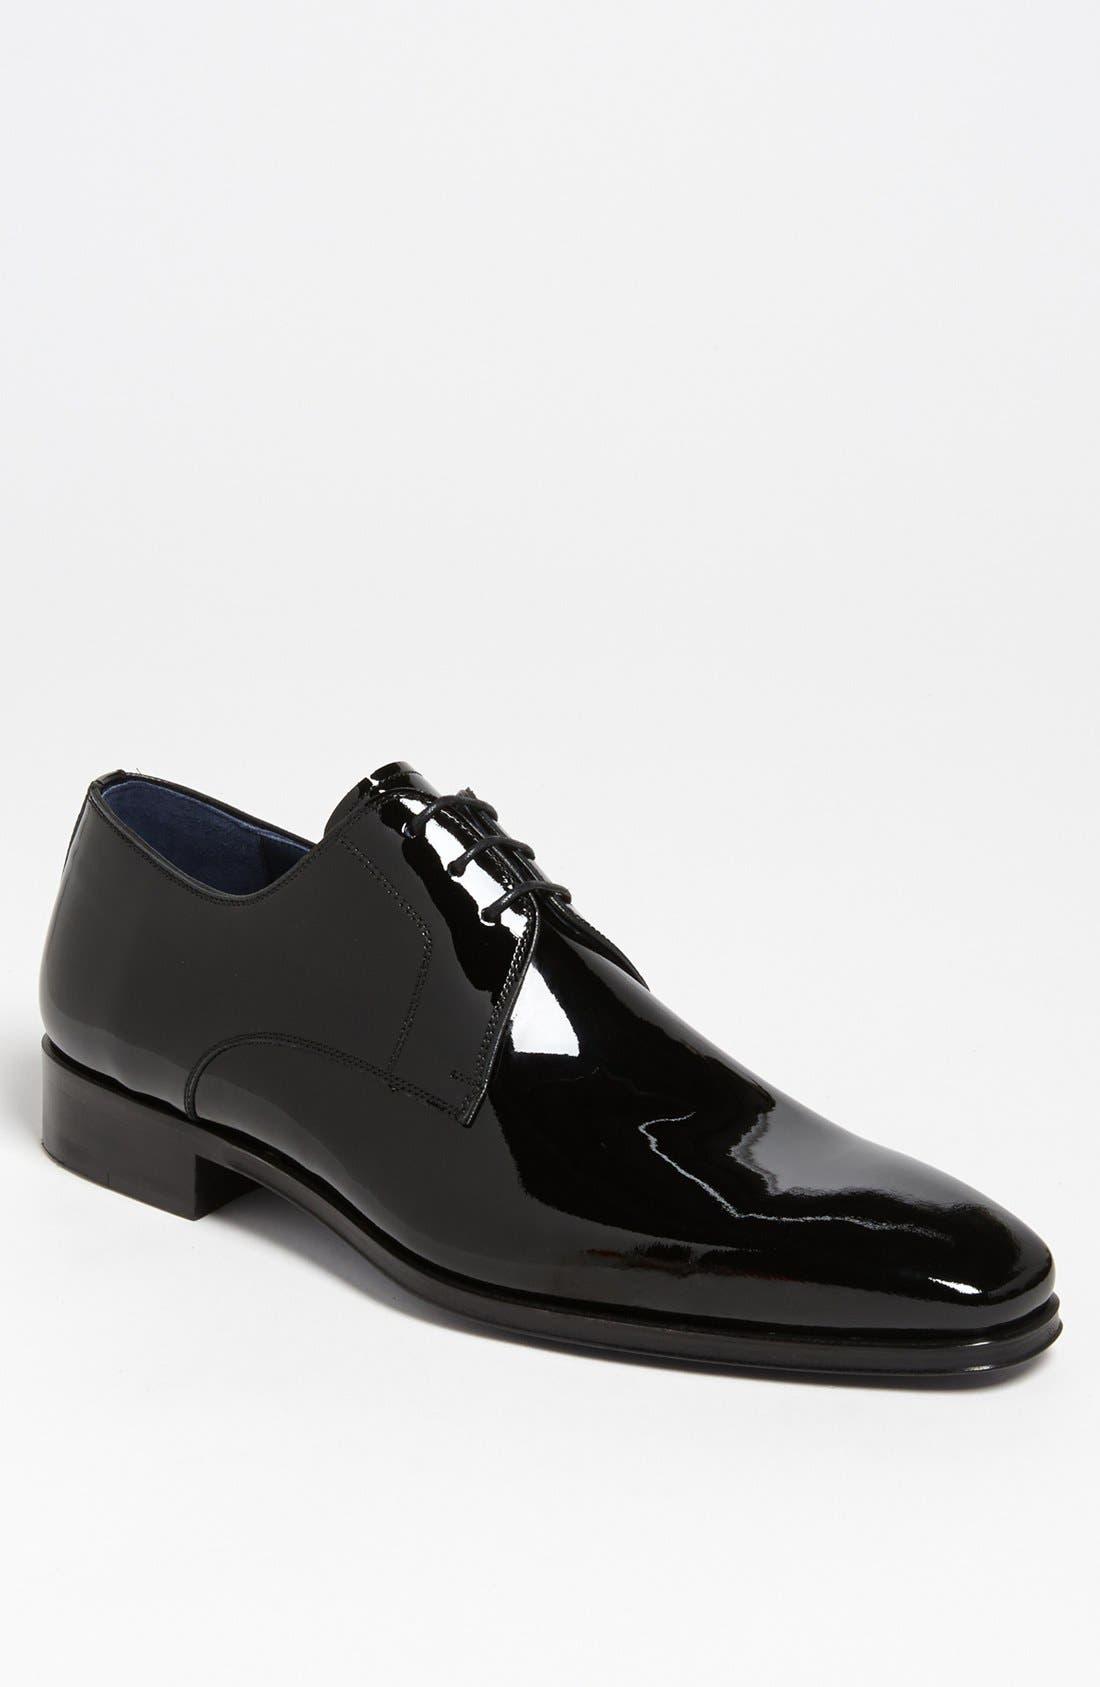 MAGNANNI, 'Dante' Plain Toe Derby, Main thumbnail 1, color, BLACK